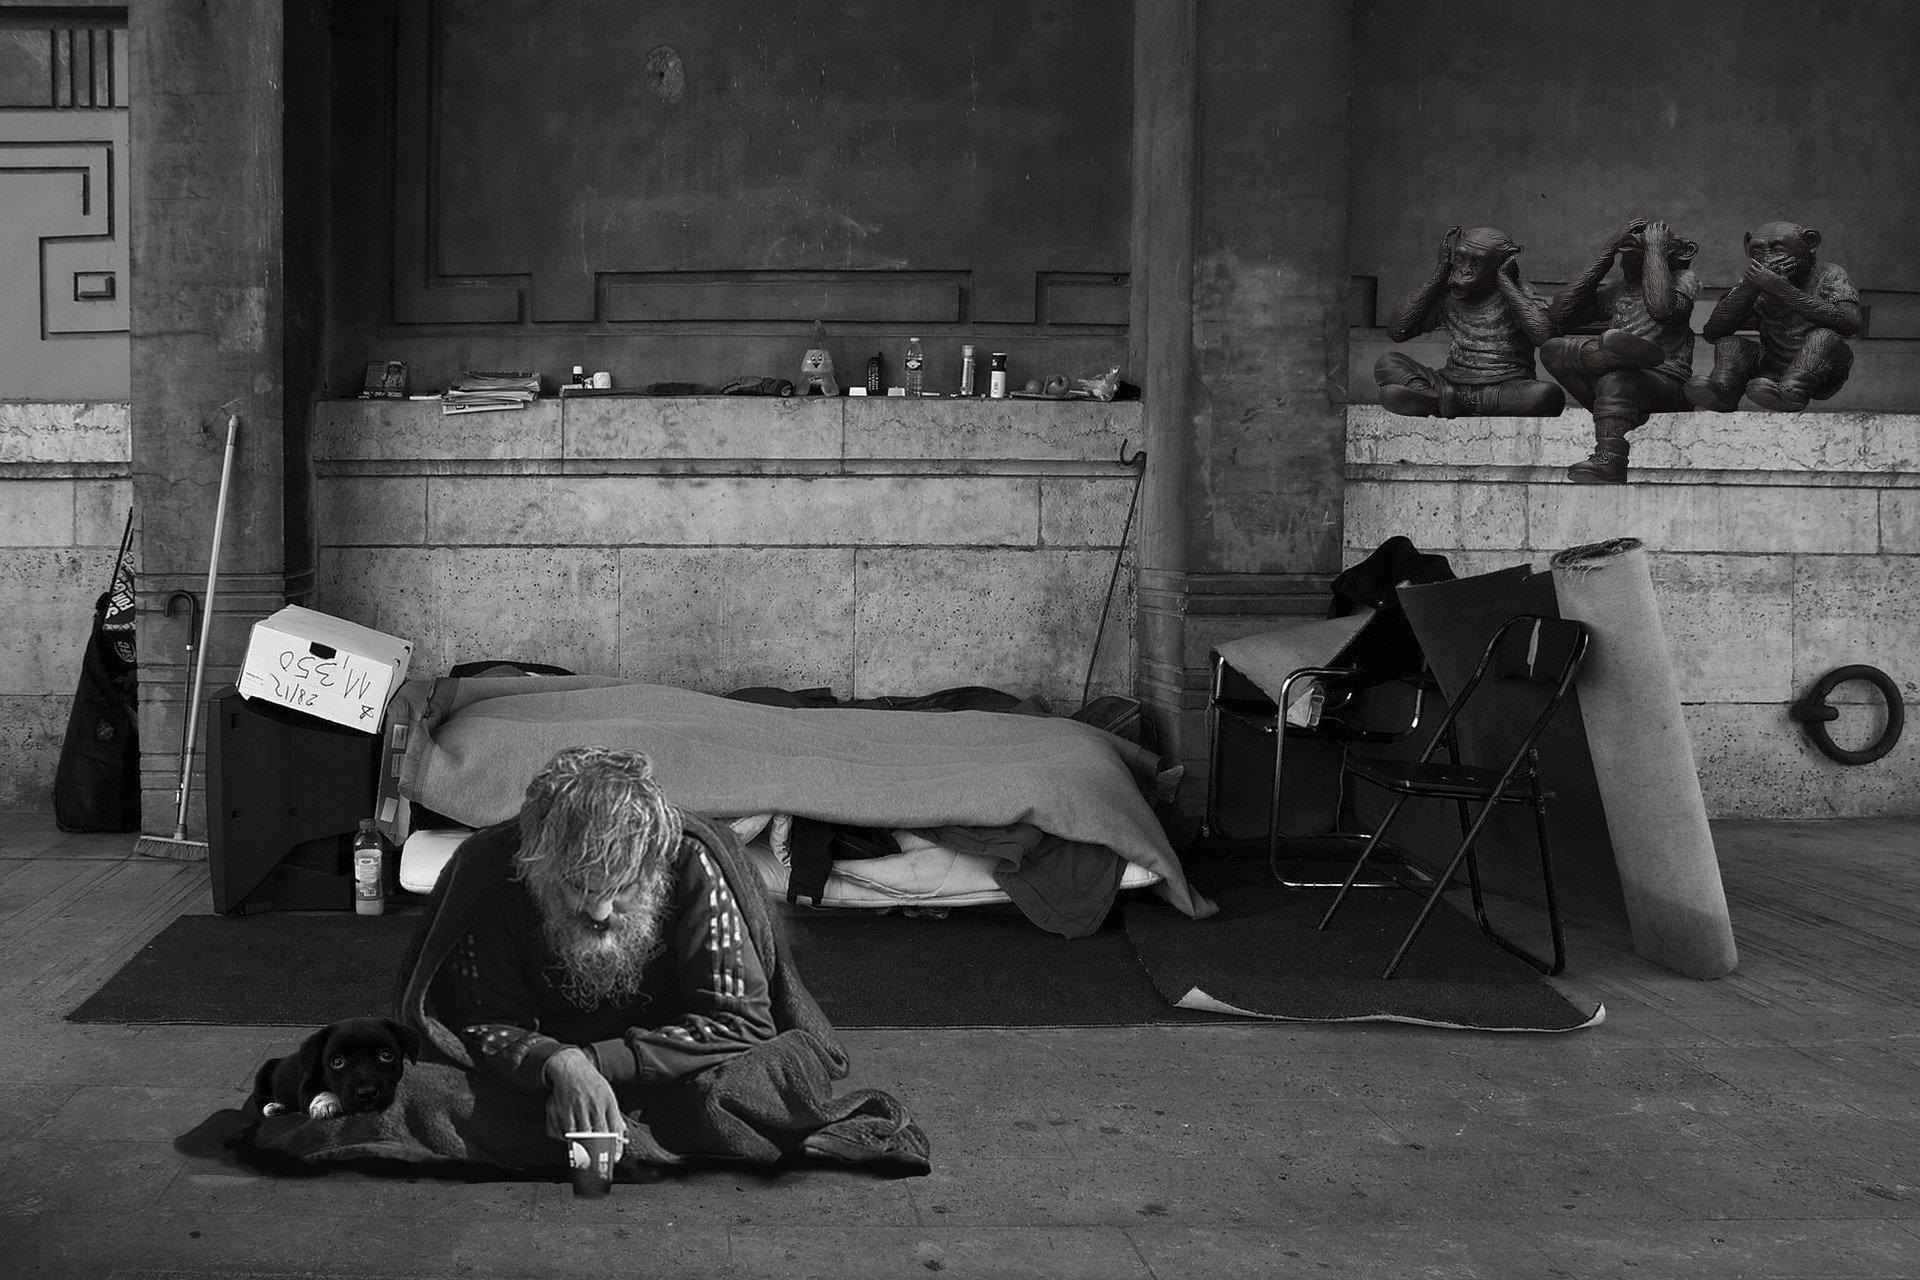 homeless man 2653445 1920.jpg?resize=300,169 - À Paris, la population de sans-abri du métro se compose de plus en plus de travailleurs pauvres